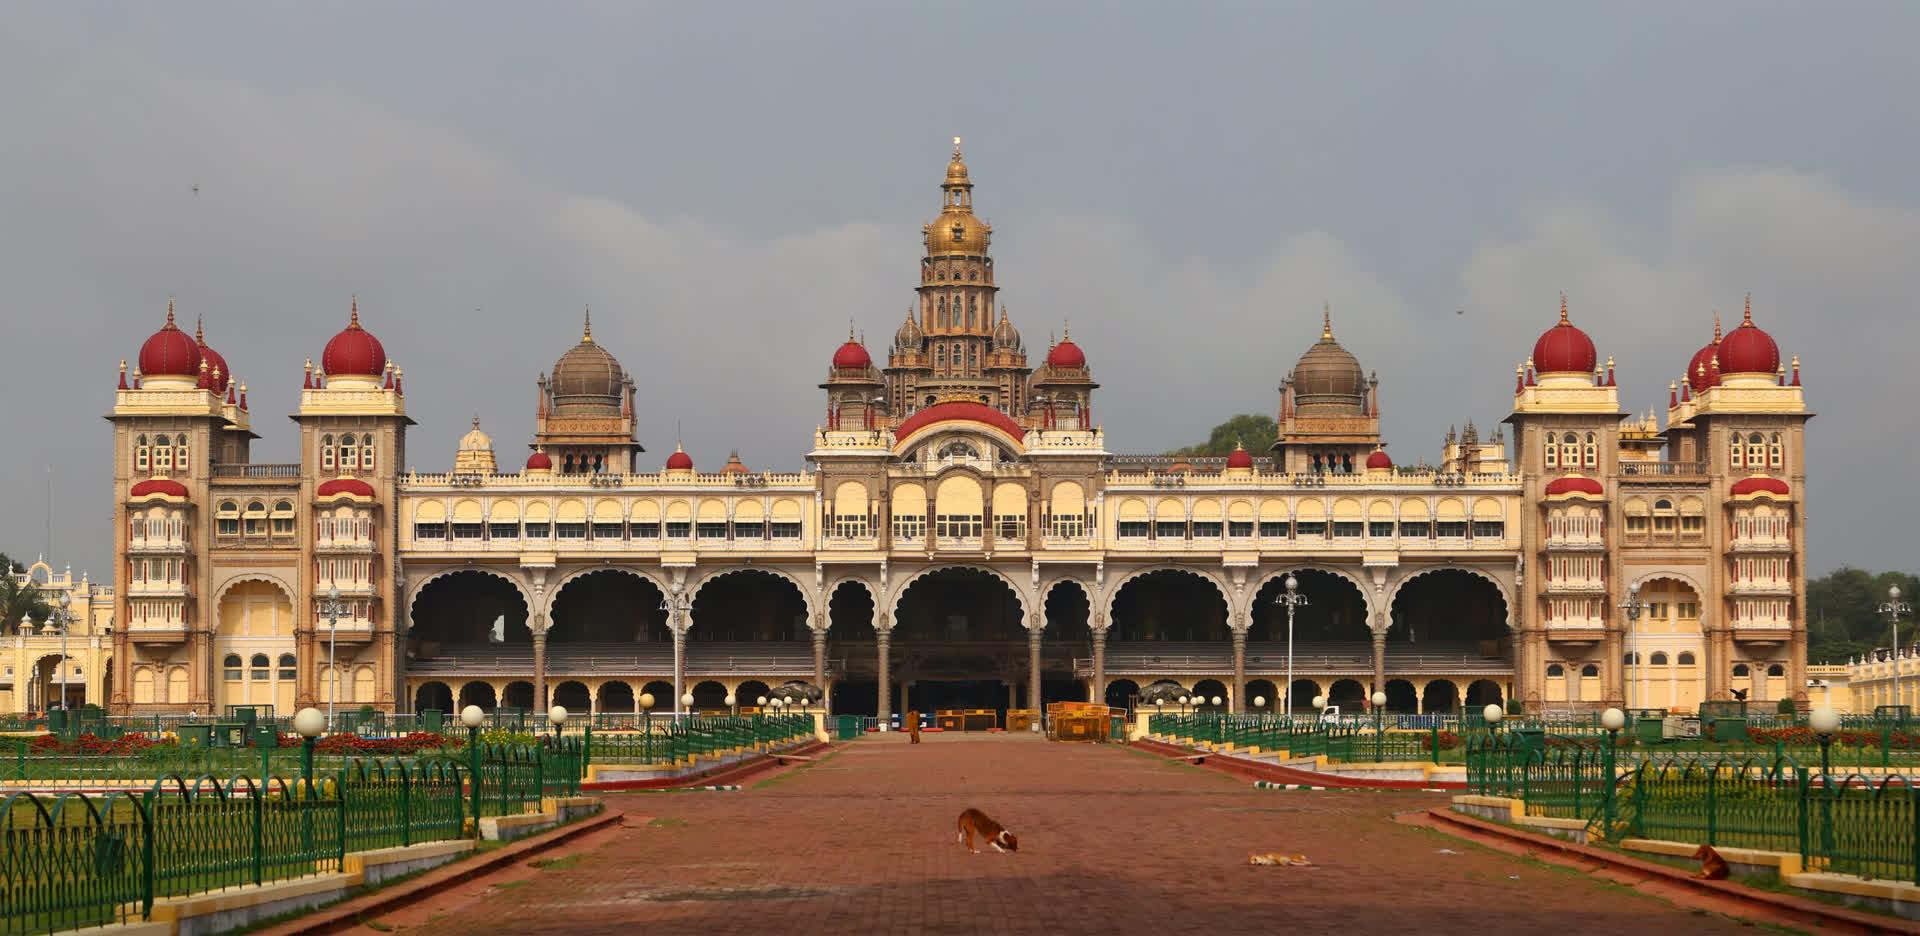 मैसूरु का राज महल